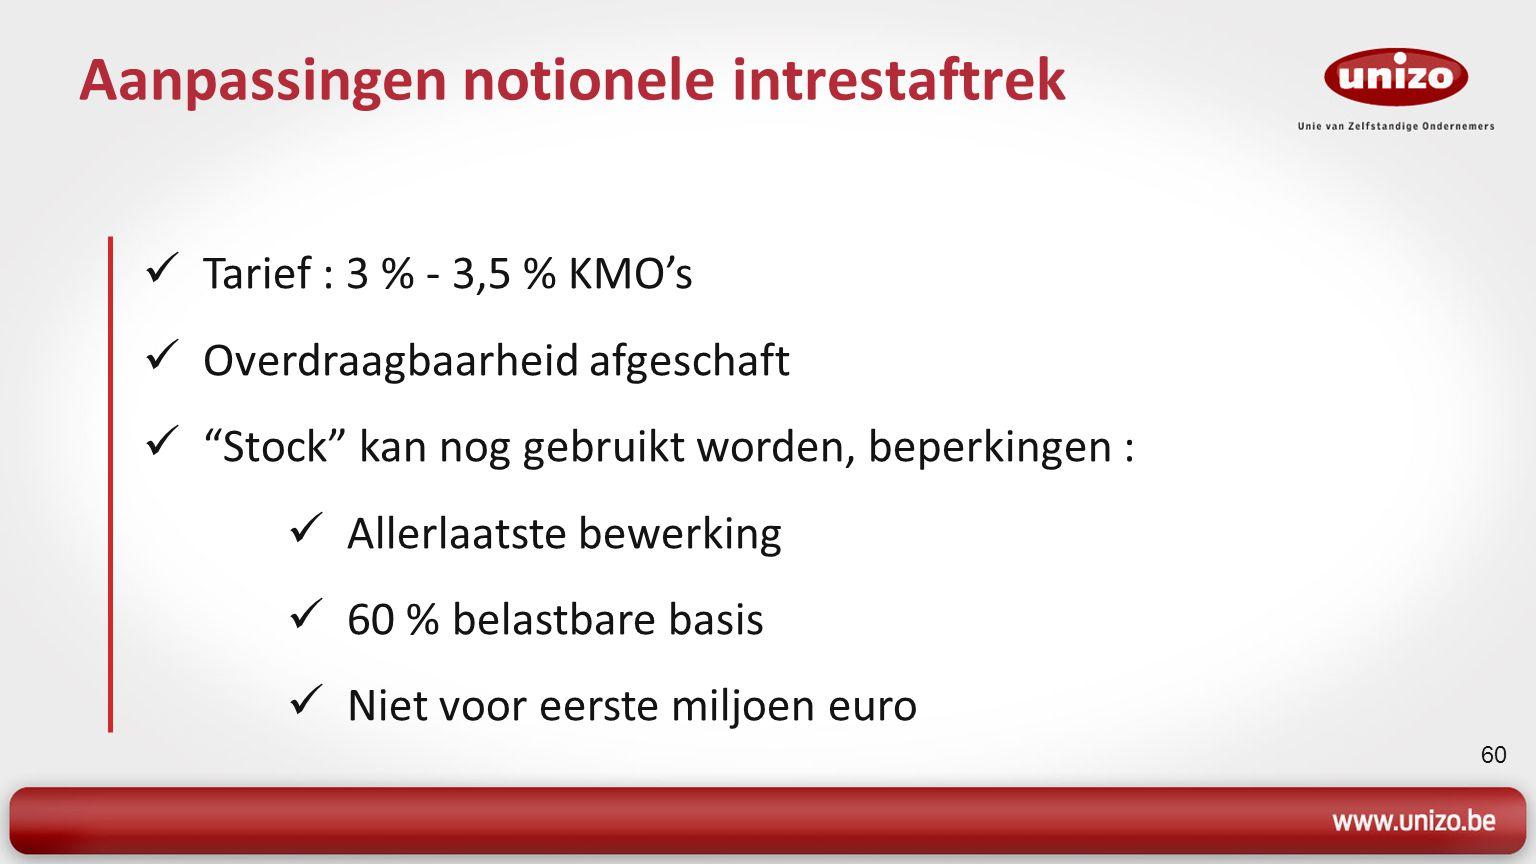 61 Terbeschikkingstelling woning Voordeel verwarming en elektriciteit verhoogd 1.820 en 910 euro Jaarlijkse indexatie Voordeel woning KI > 745 euro : 100/60 x KI x 3,8